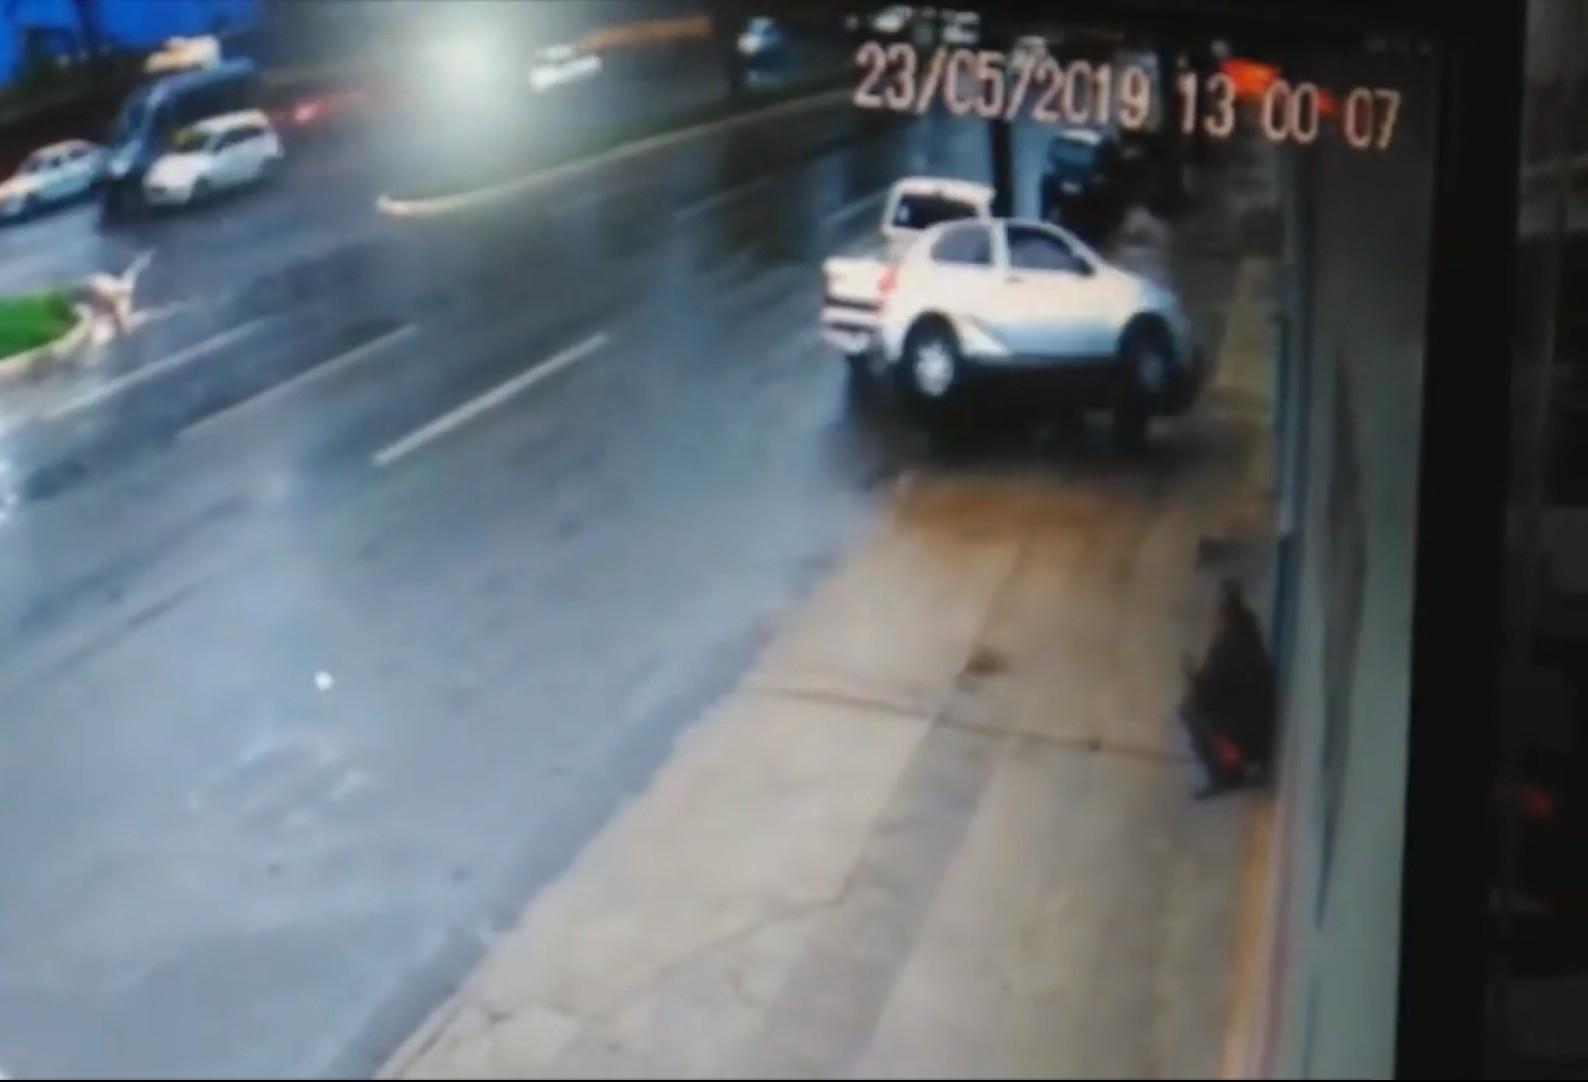 Passageira é ejetada de carro em acidente na Avenida Colombo